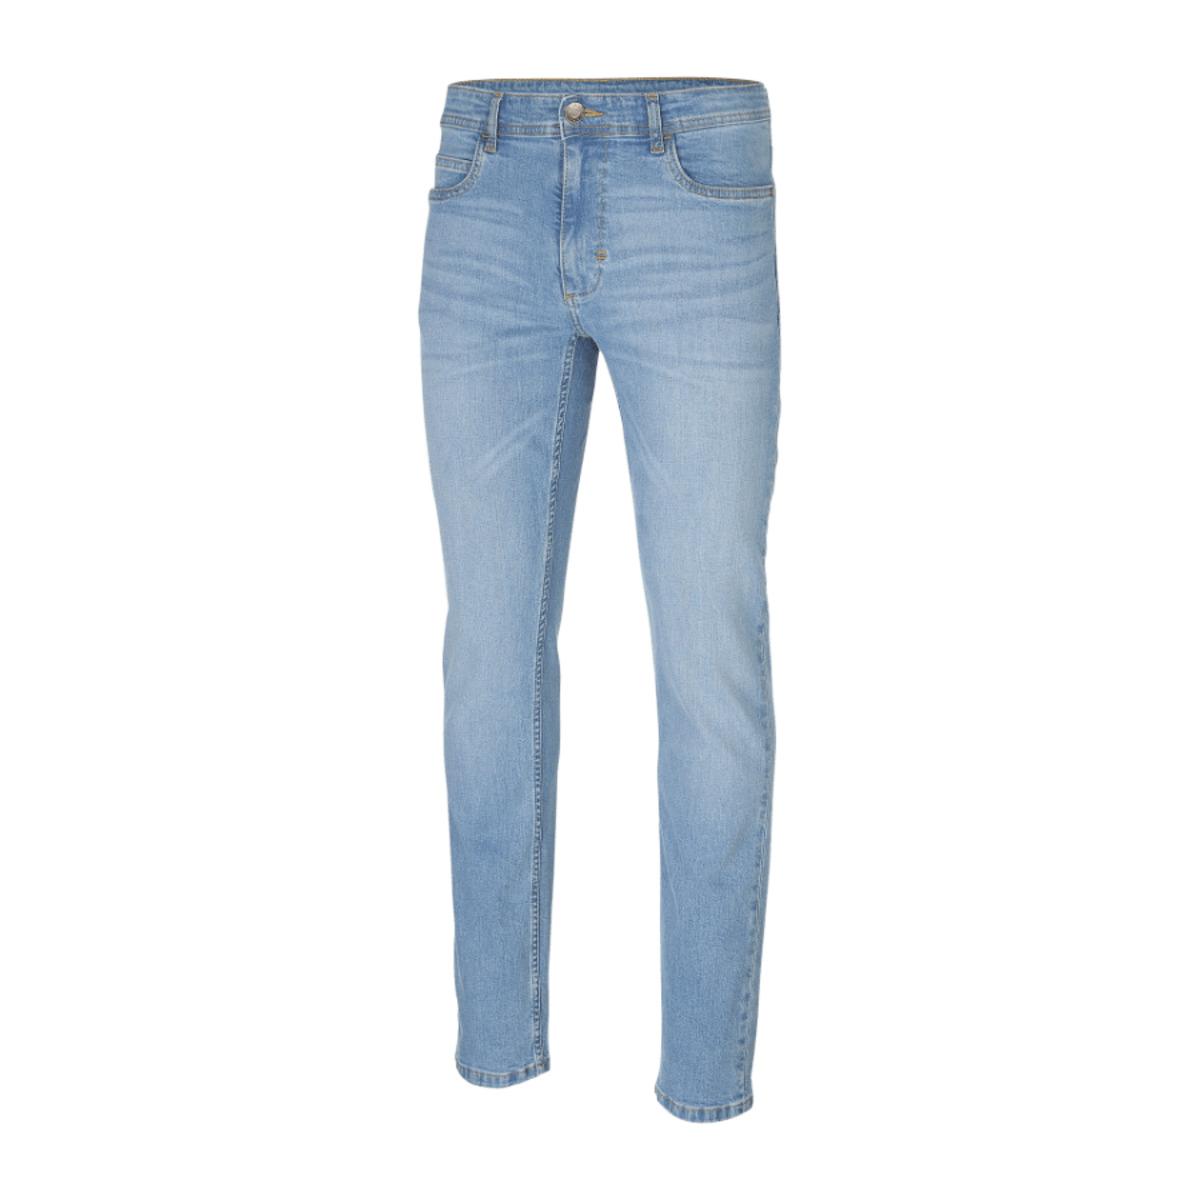 Bild 2 von STRAIGHT UP     Jeans, laser finished